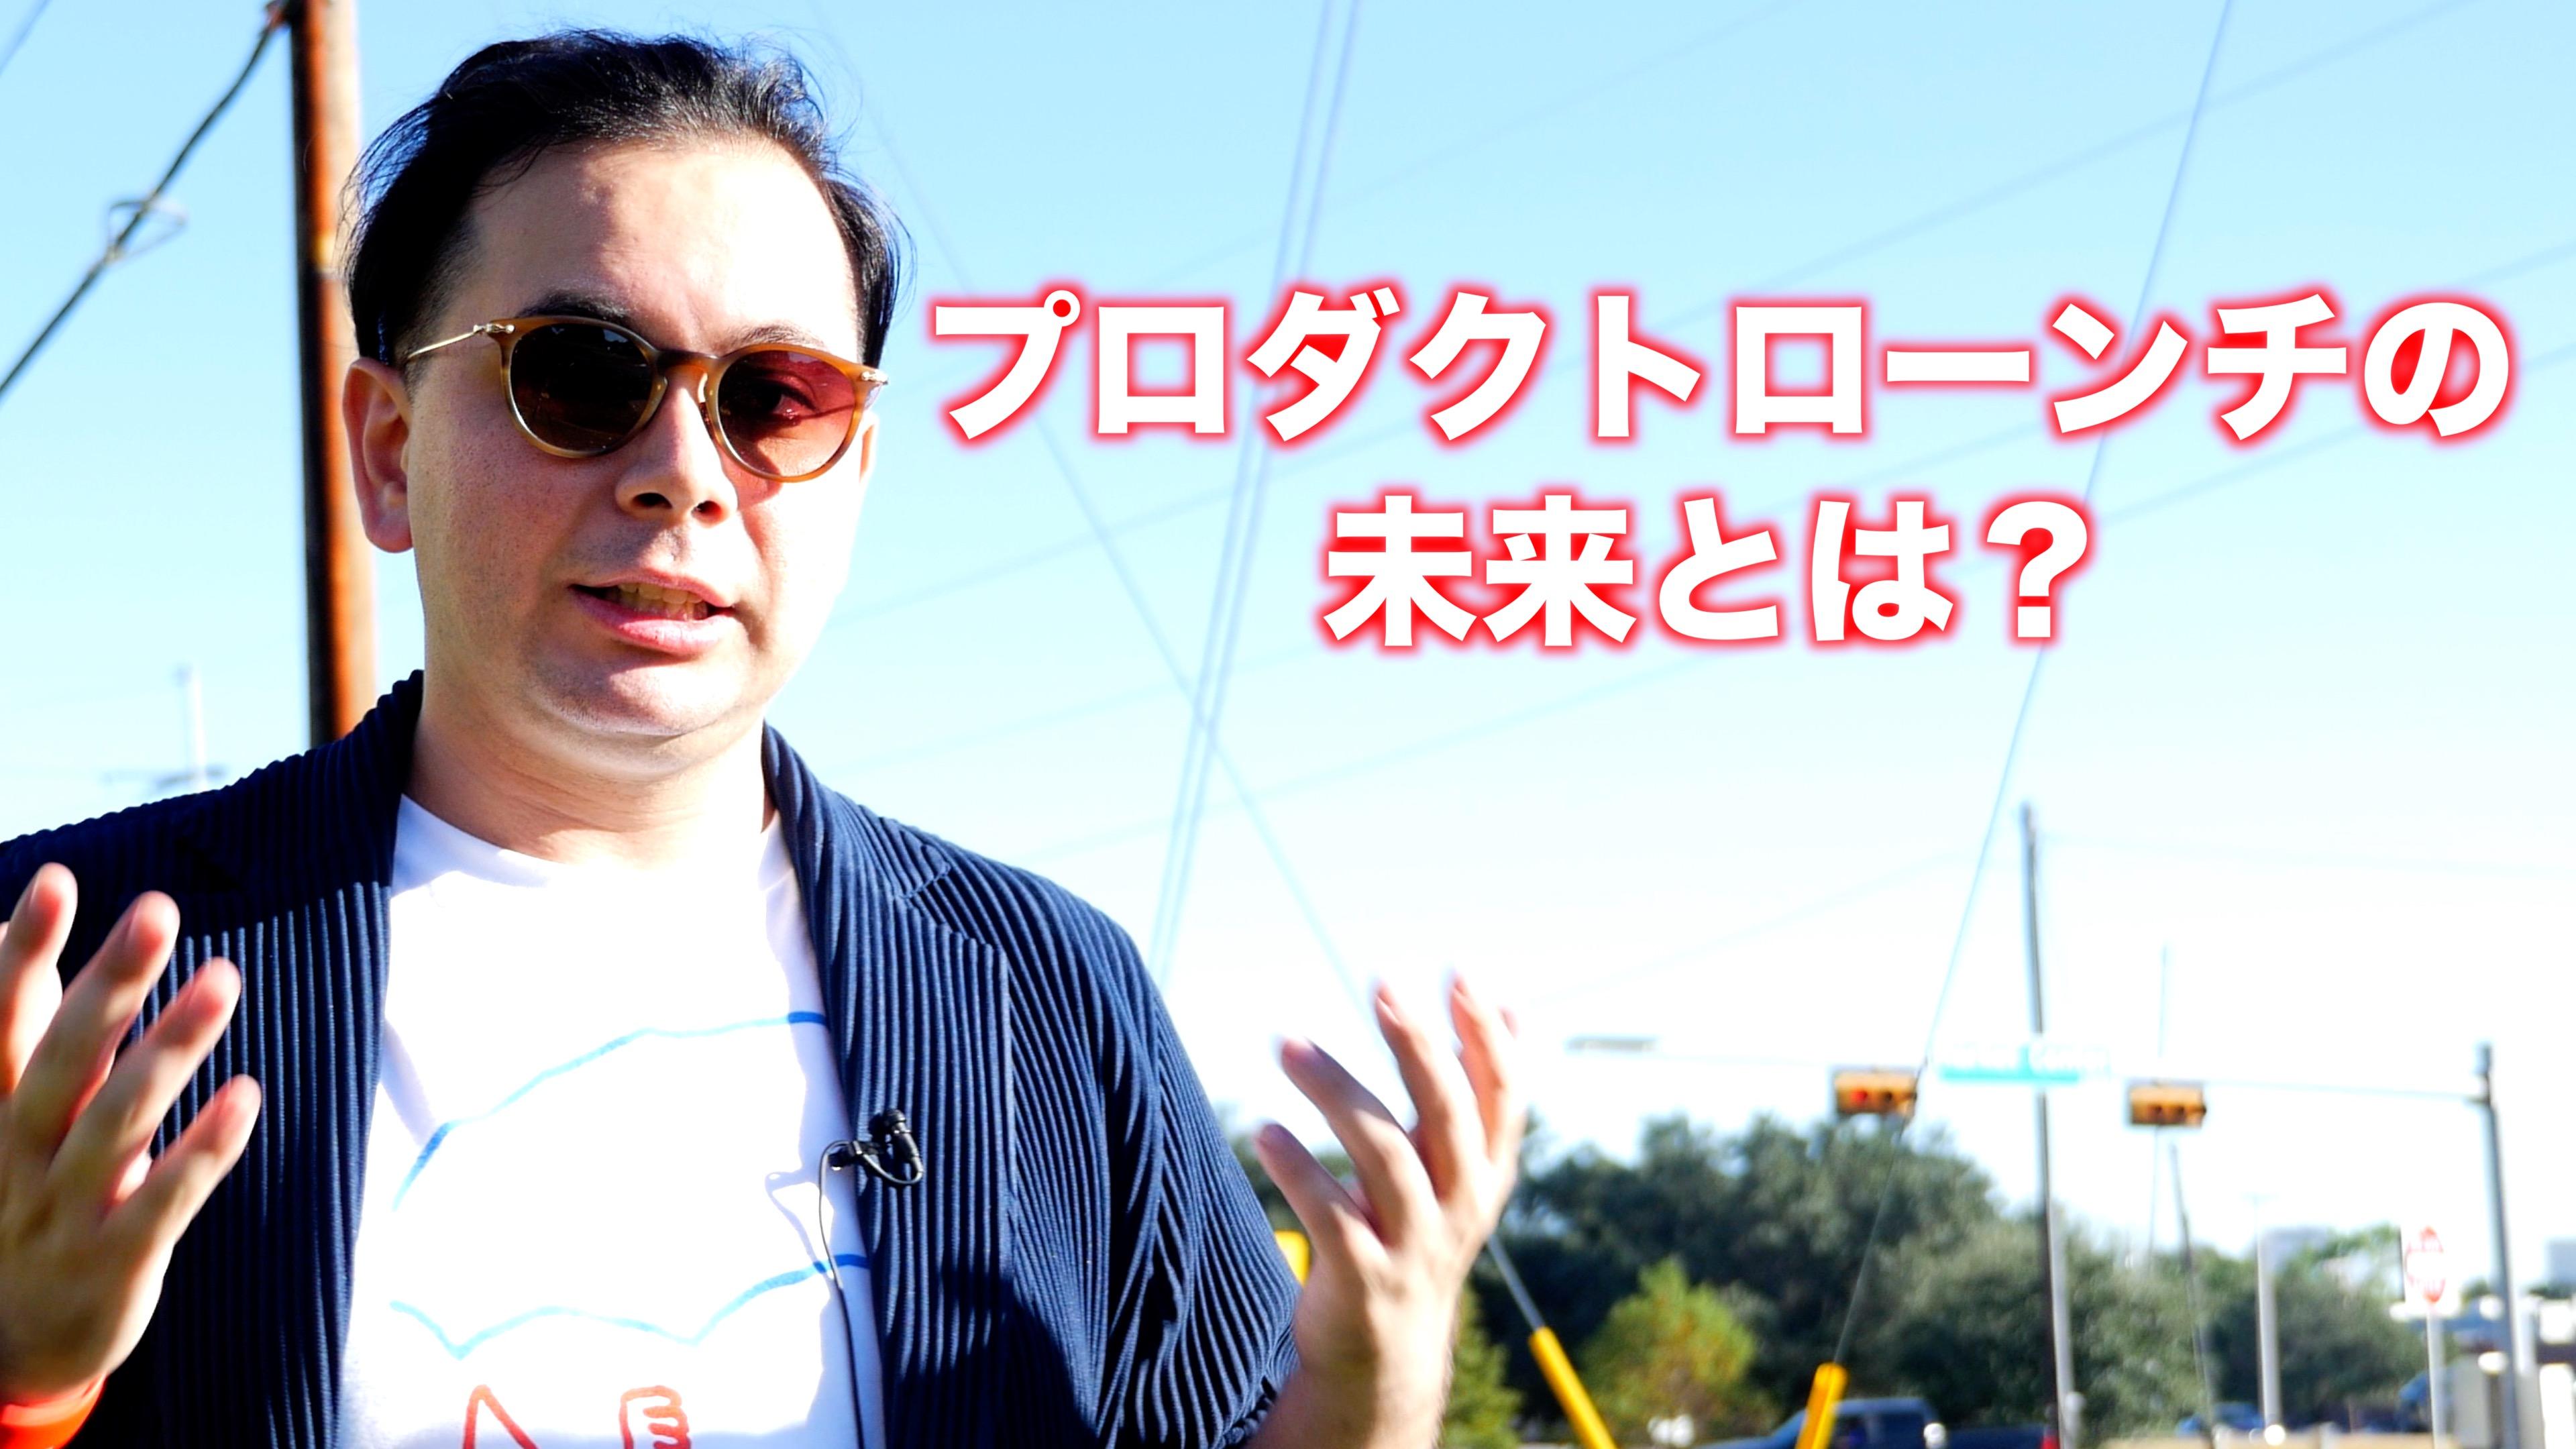 【ビデオ】プロダクトローンチの未来とは?